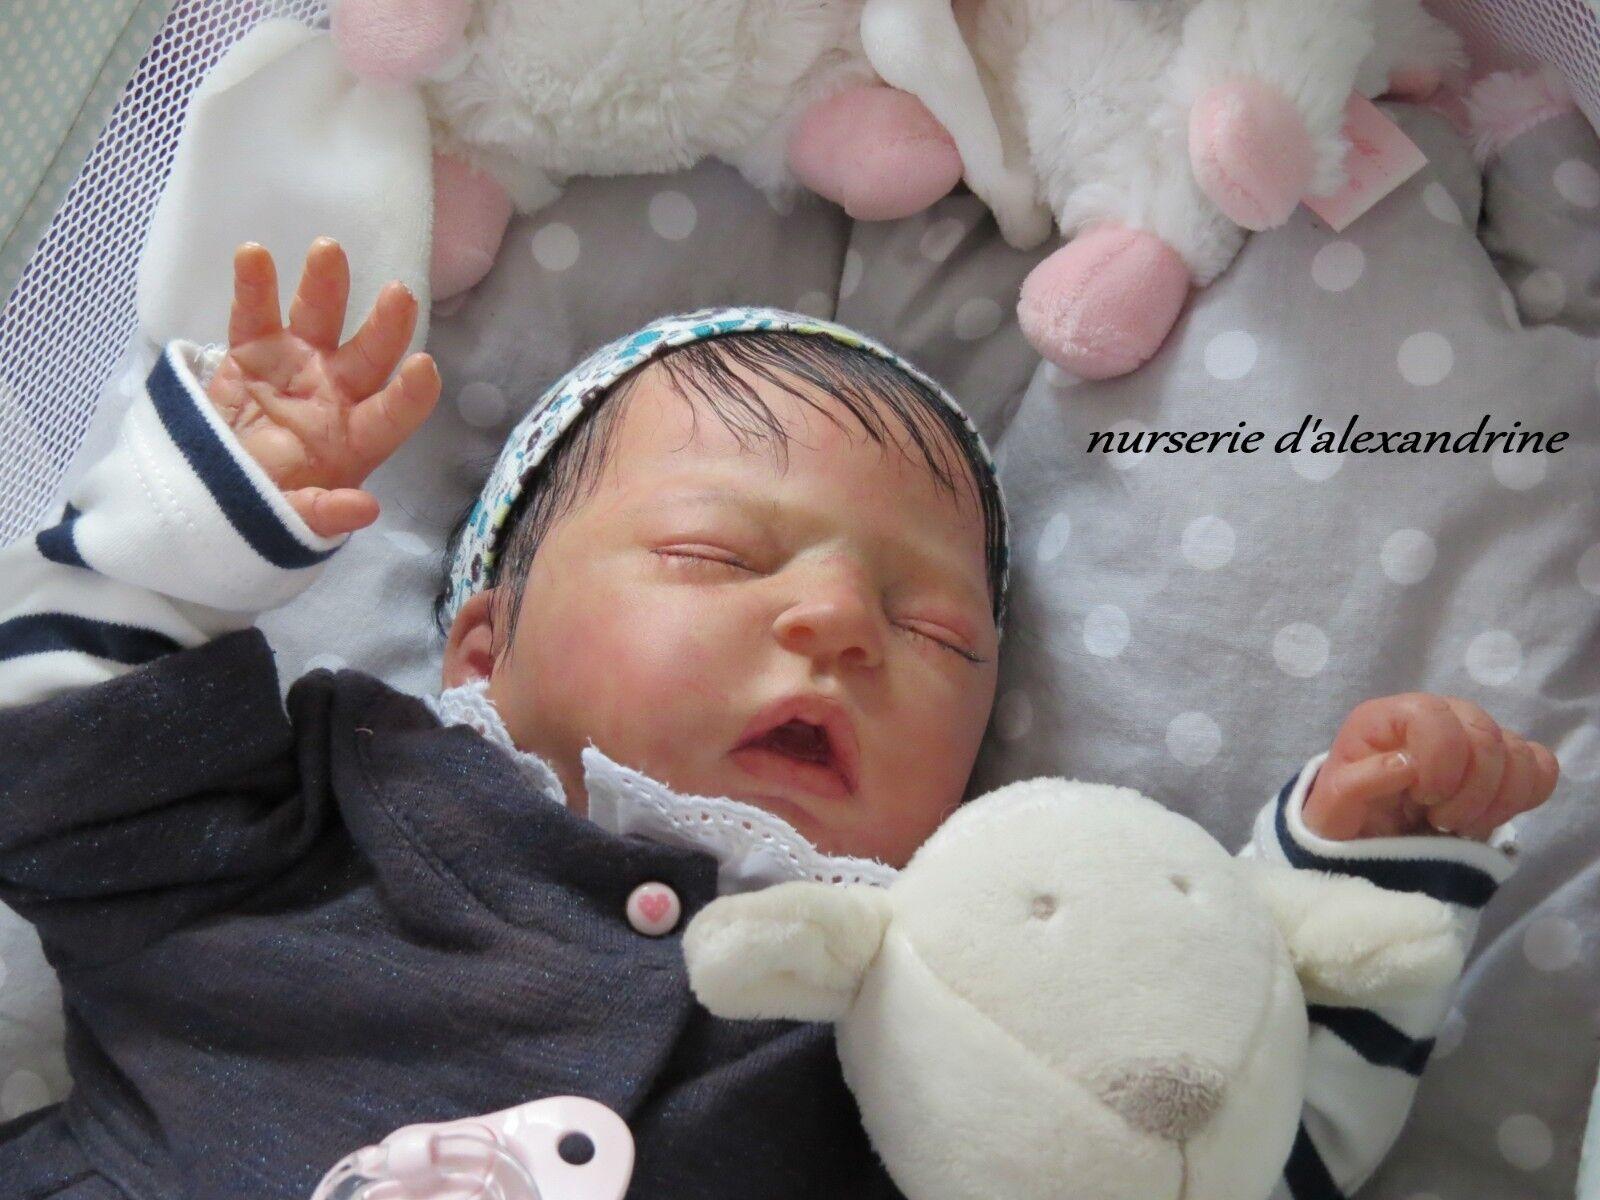 Bebe reborn clara nurserie d'alexandrine